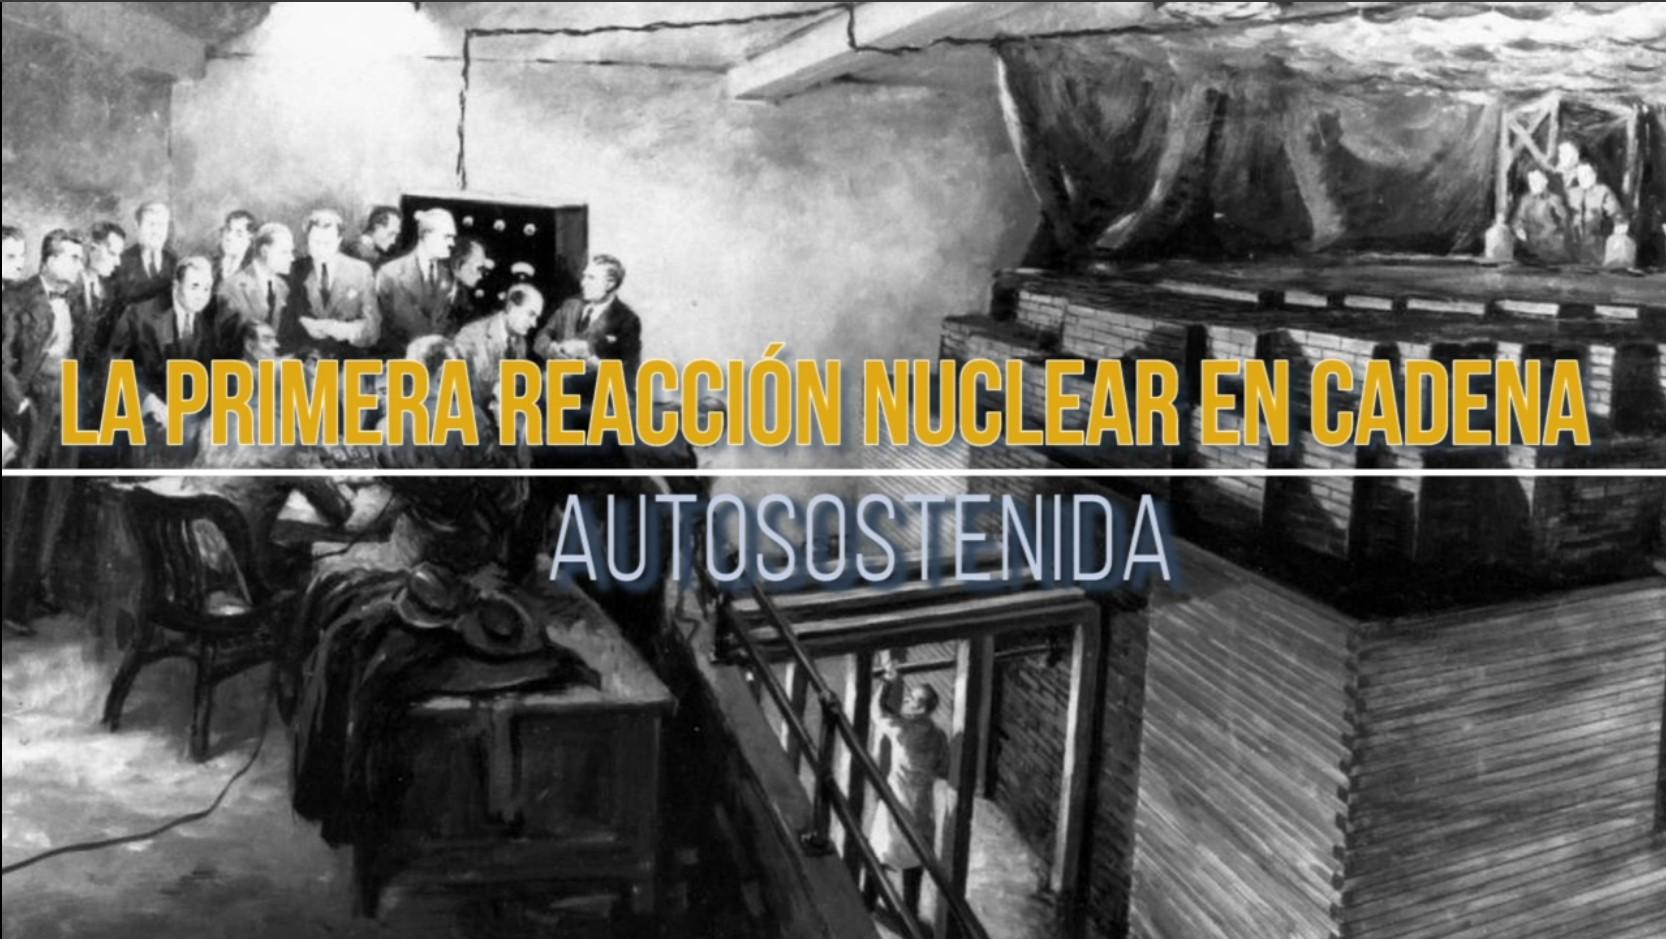 Primera reacción nuclear en cadena autosostenida